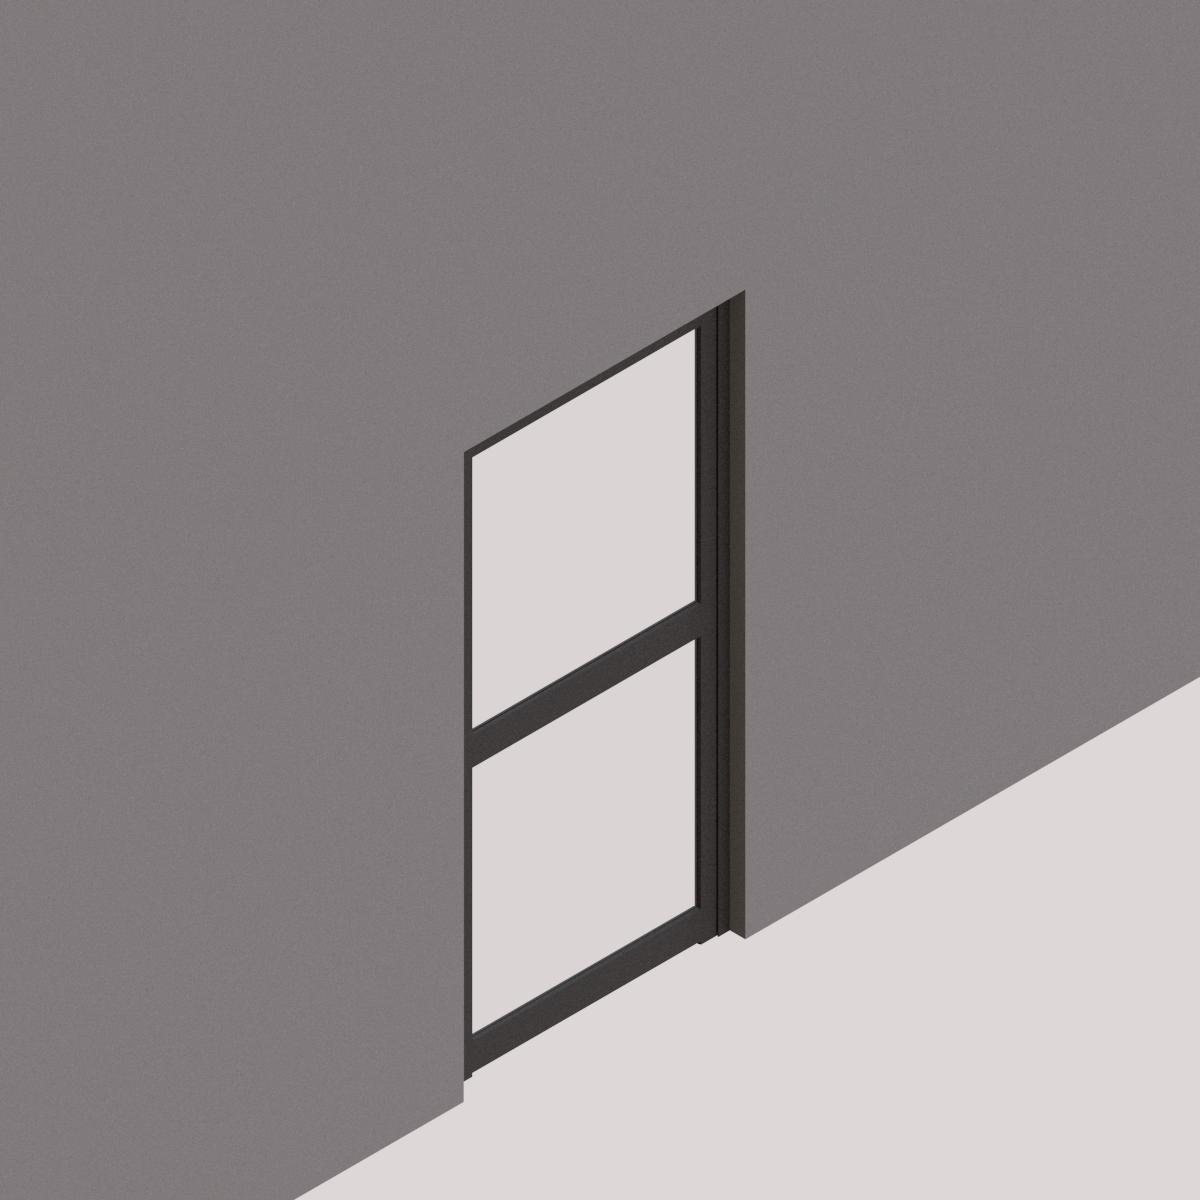 Puerta de logia 1 hoja cristal monol%c3%adtico junquillo inclinado 24485e2d b4e6 45b7 b74f c637e36b8e1a